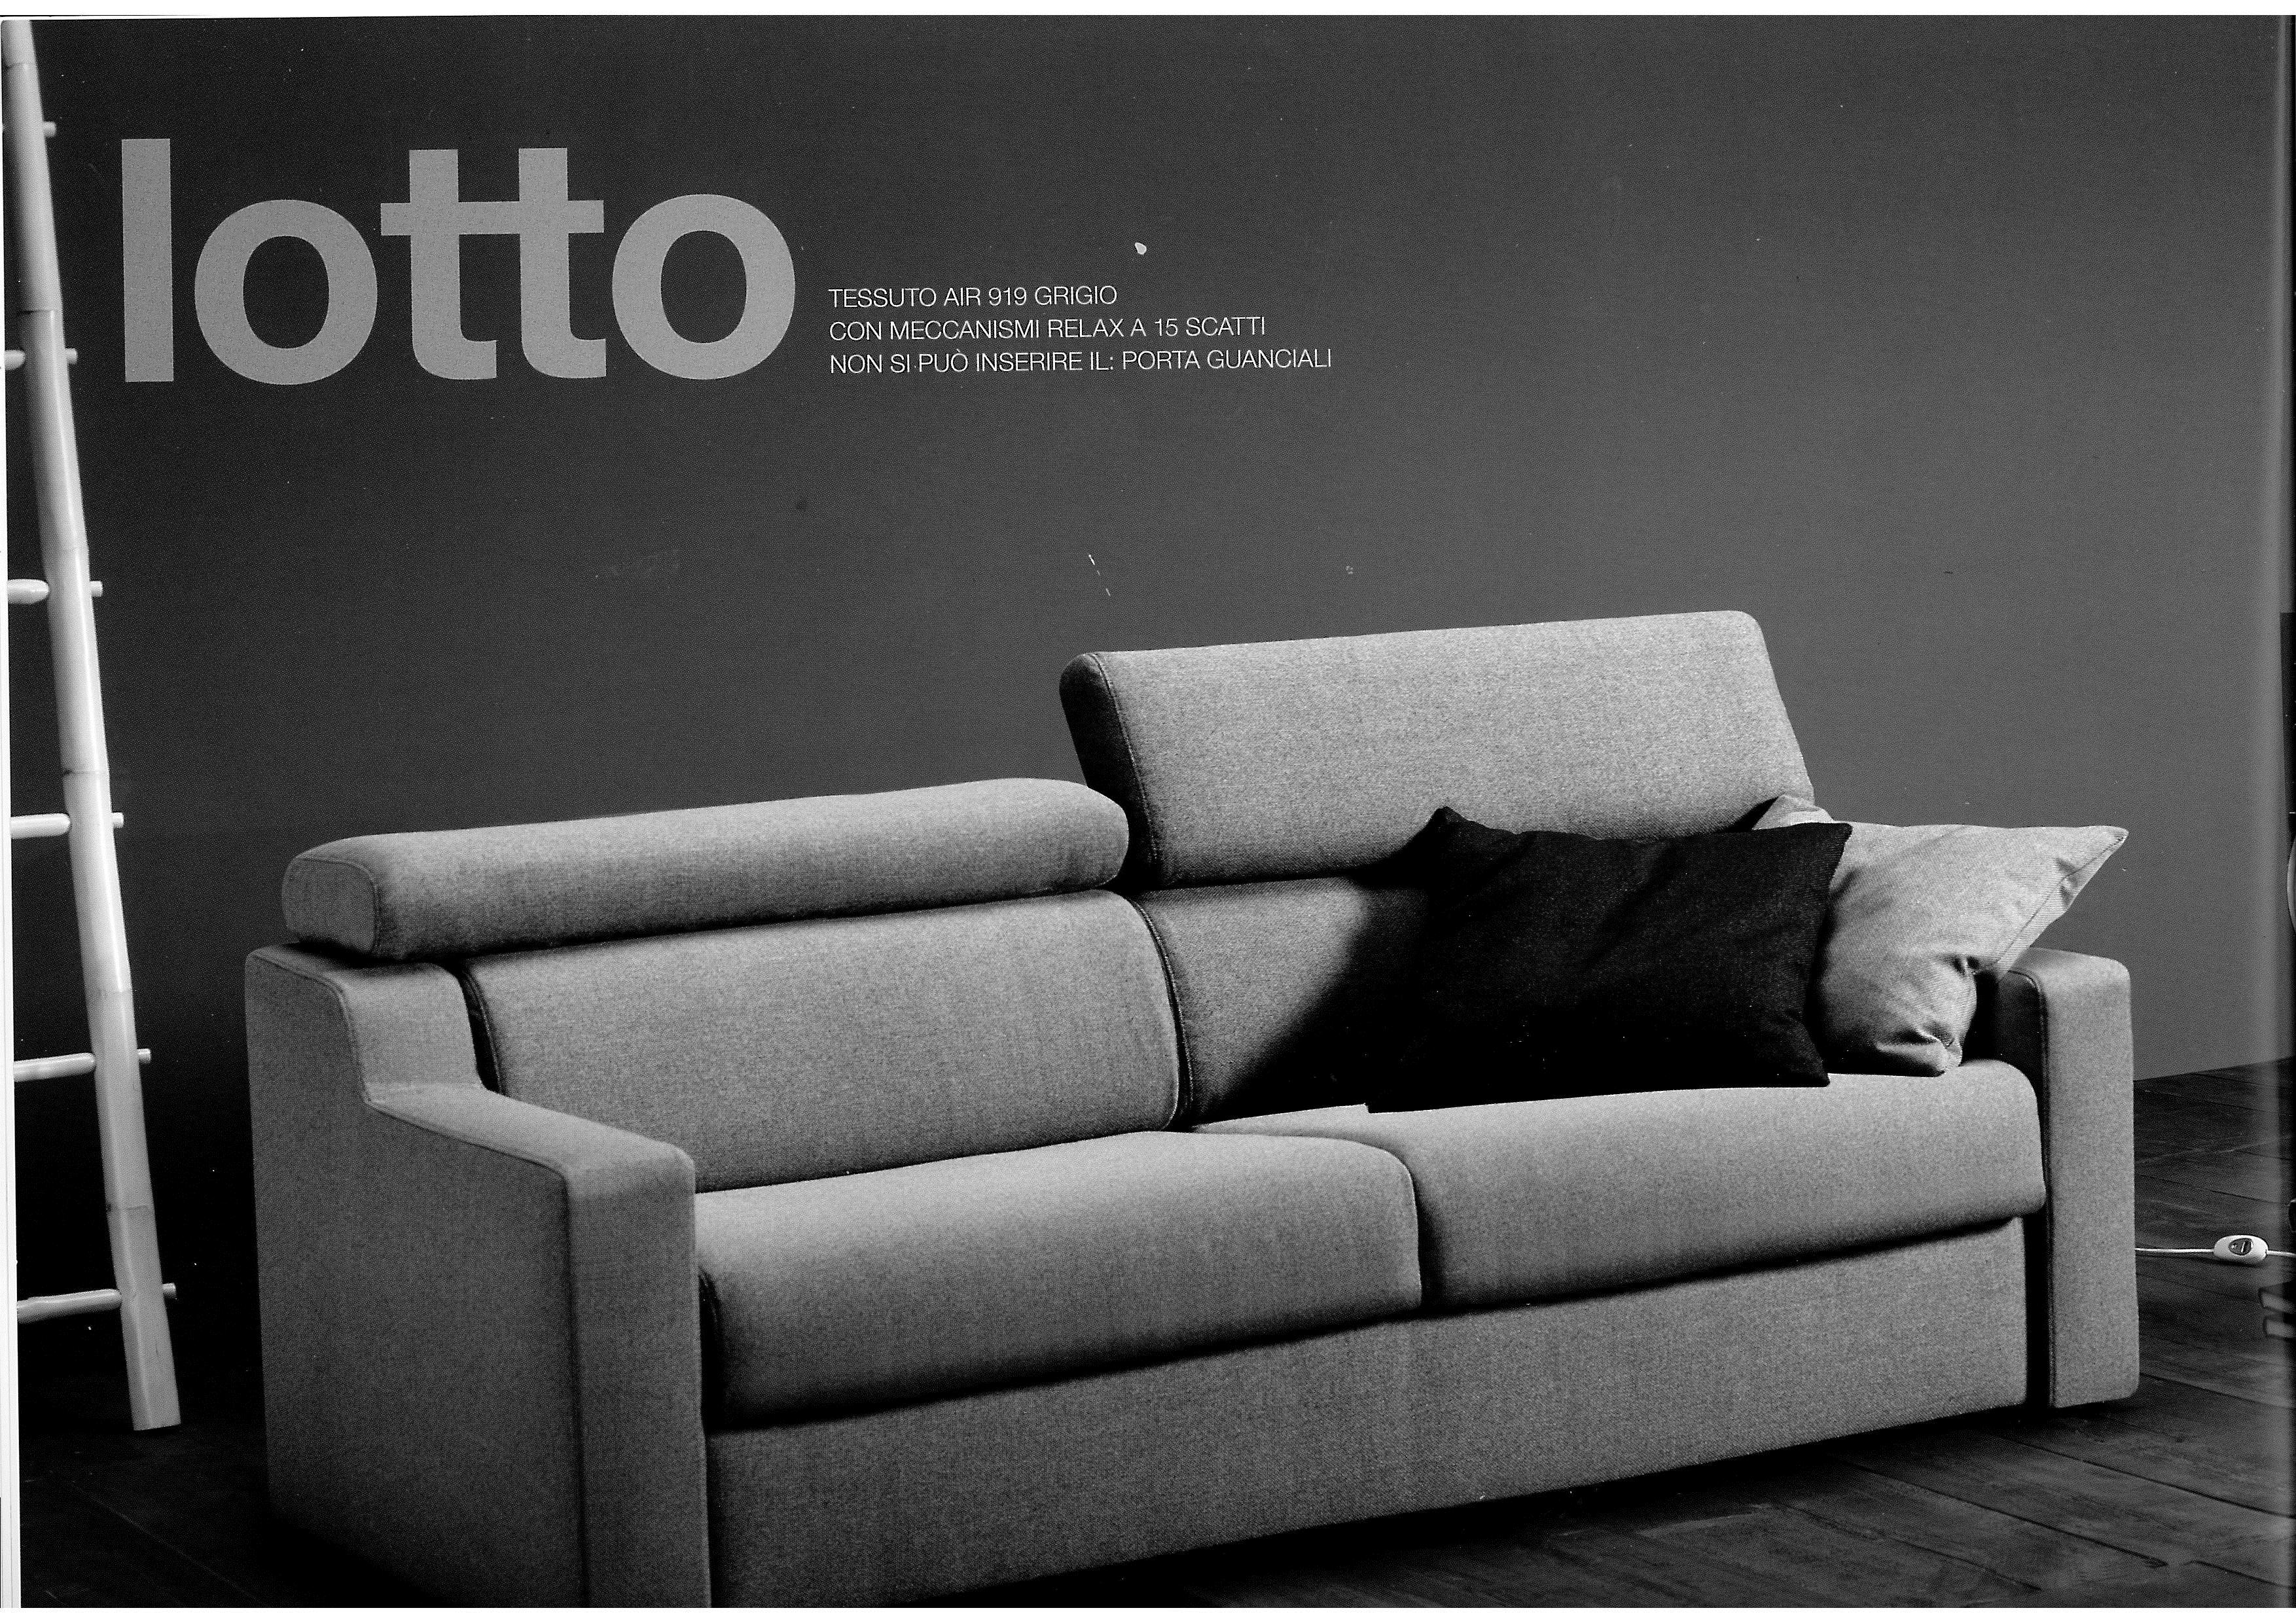 negozi divani e divani bologna